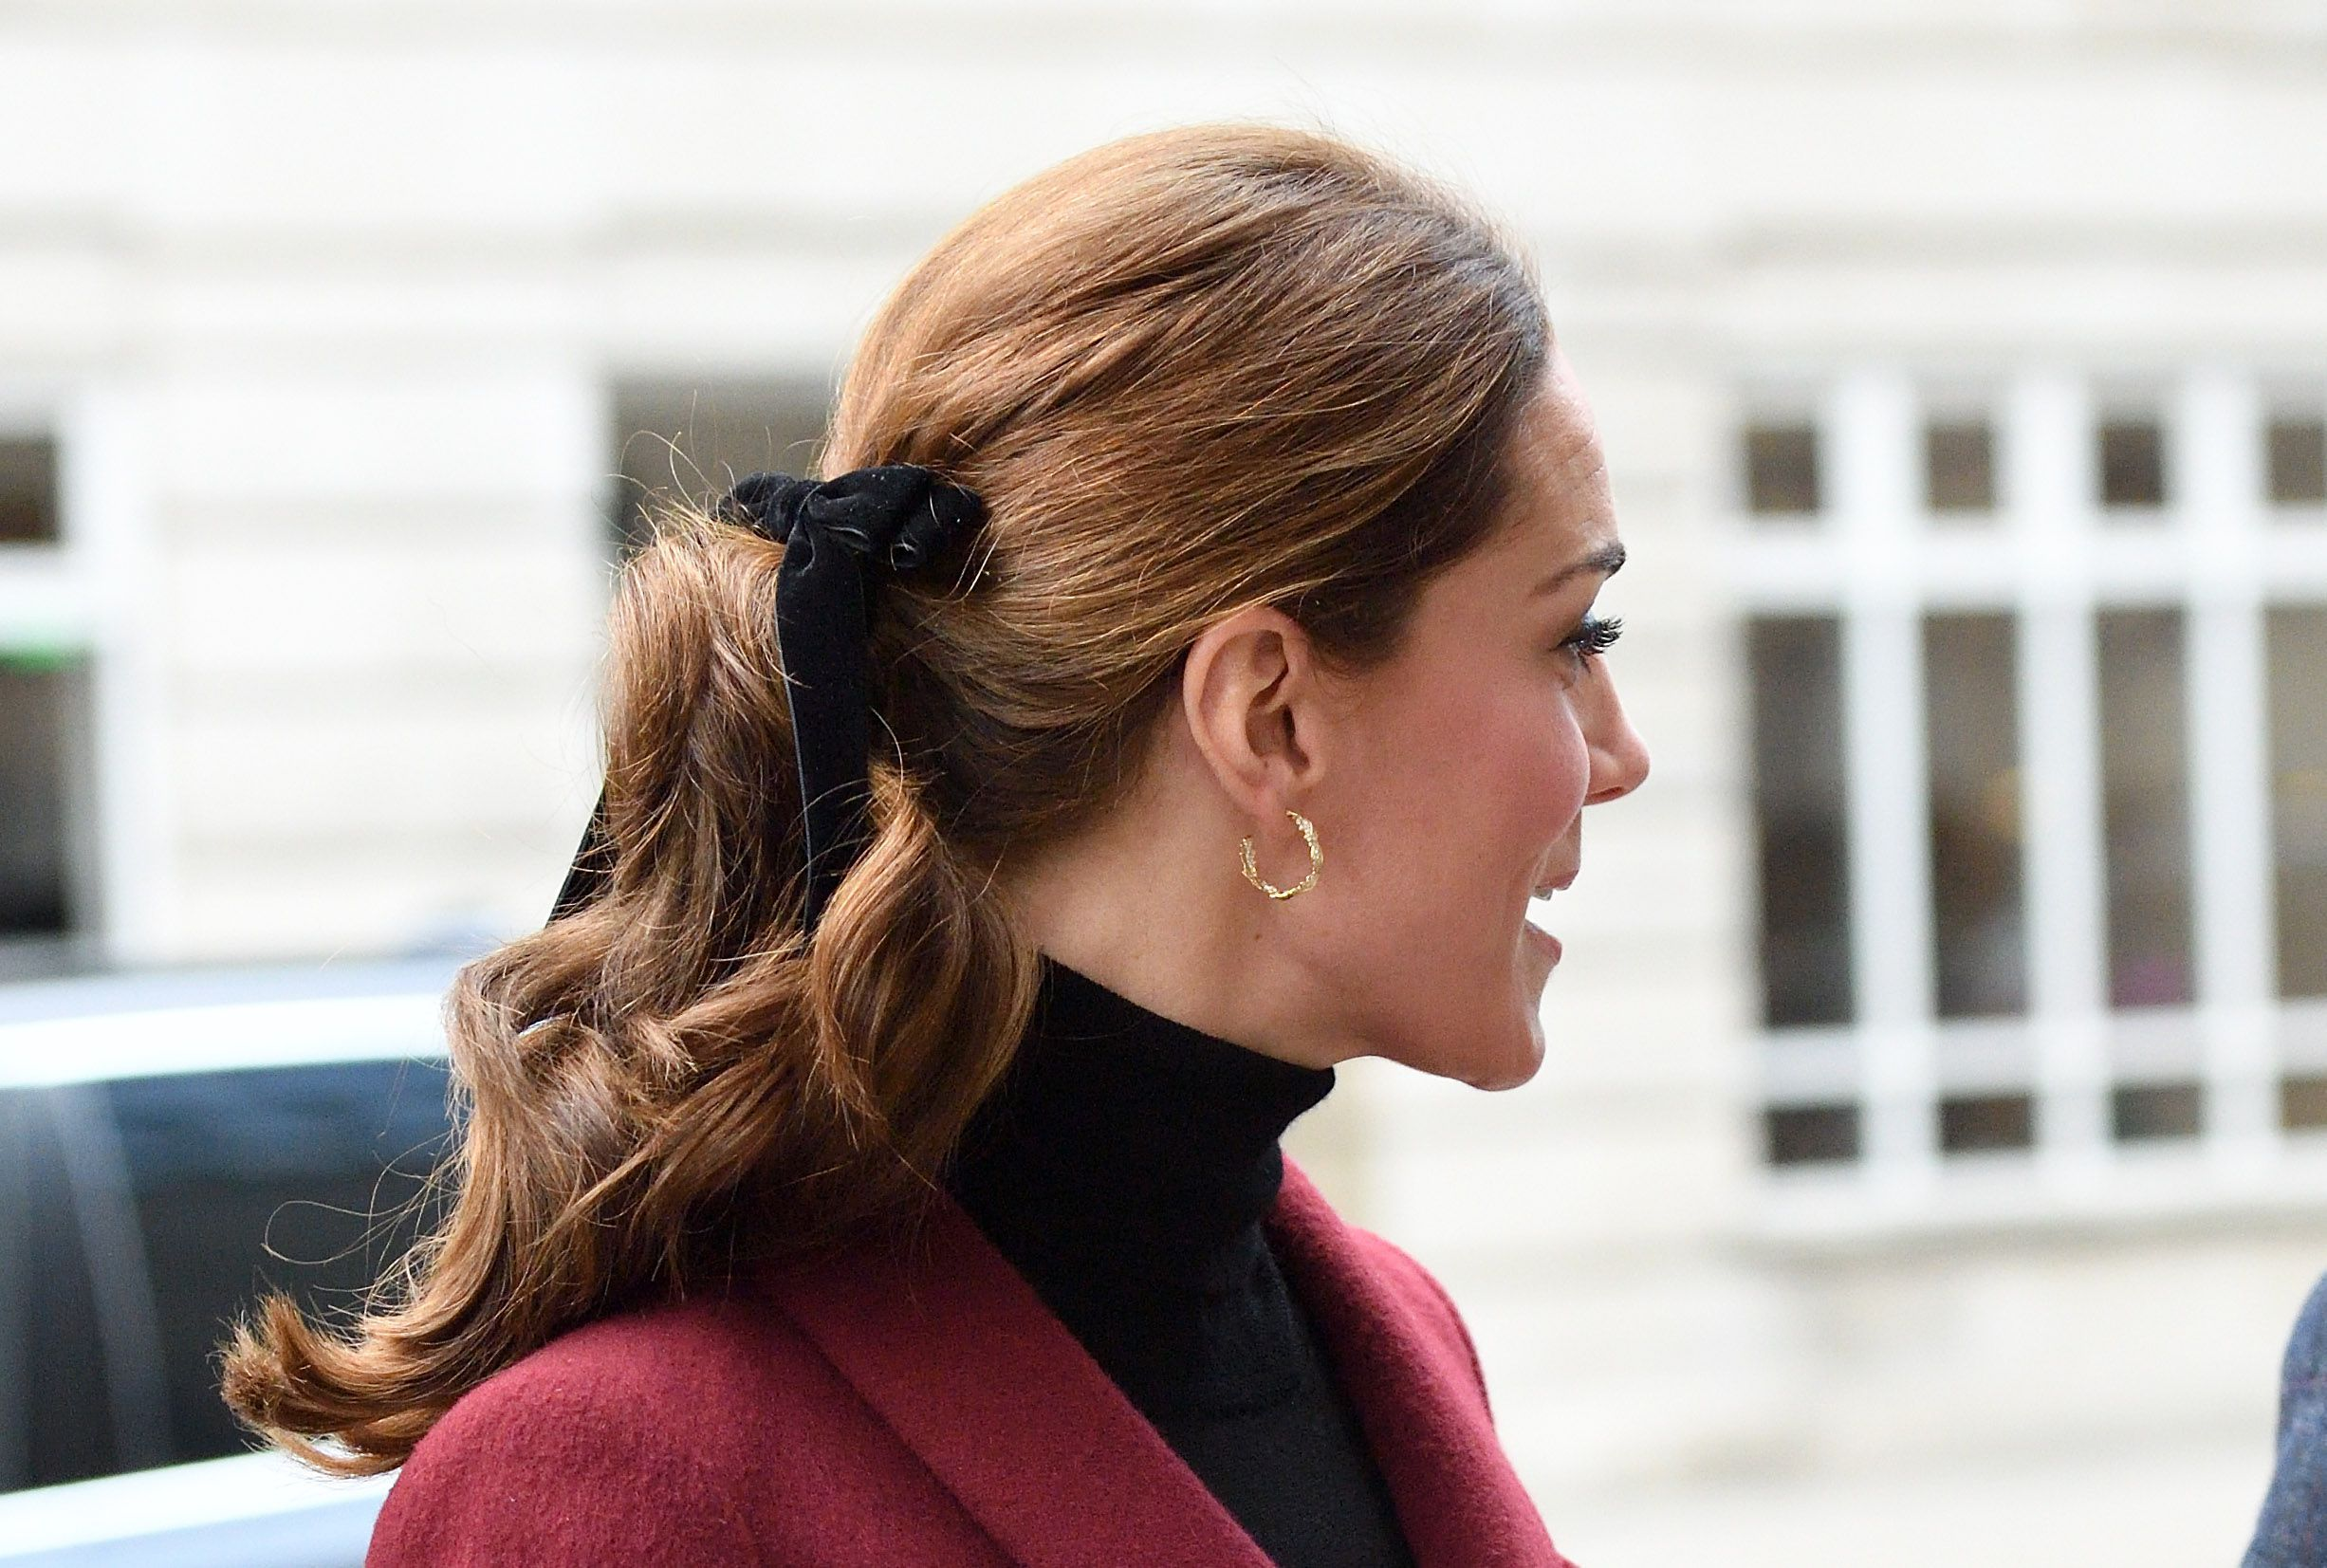 Đúng là đẳng cấp Hoàng hậu tương lai, chỉ riêng chuyện buộc tóc của Công nương Kate cũng khiến dân tình trầm trồ - Ảnh 6.